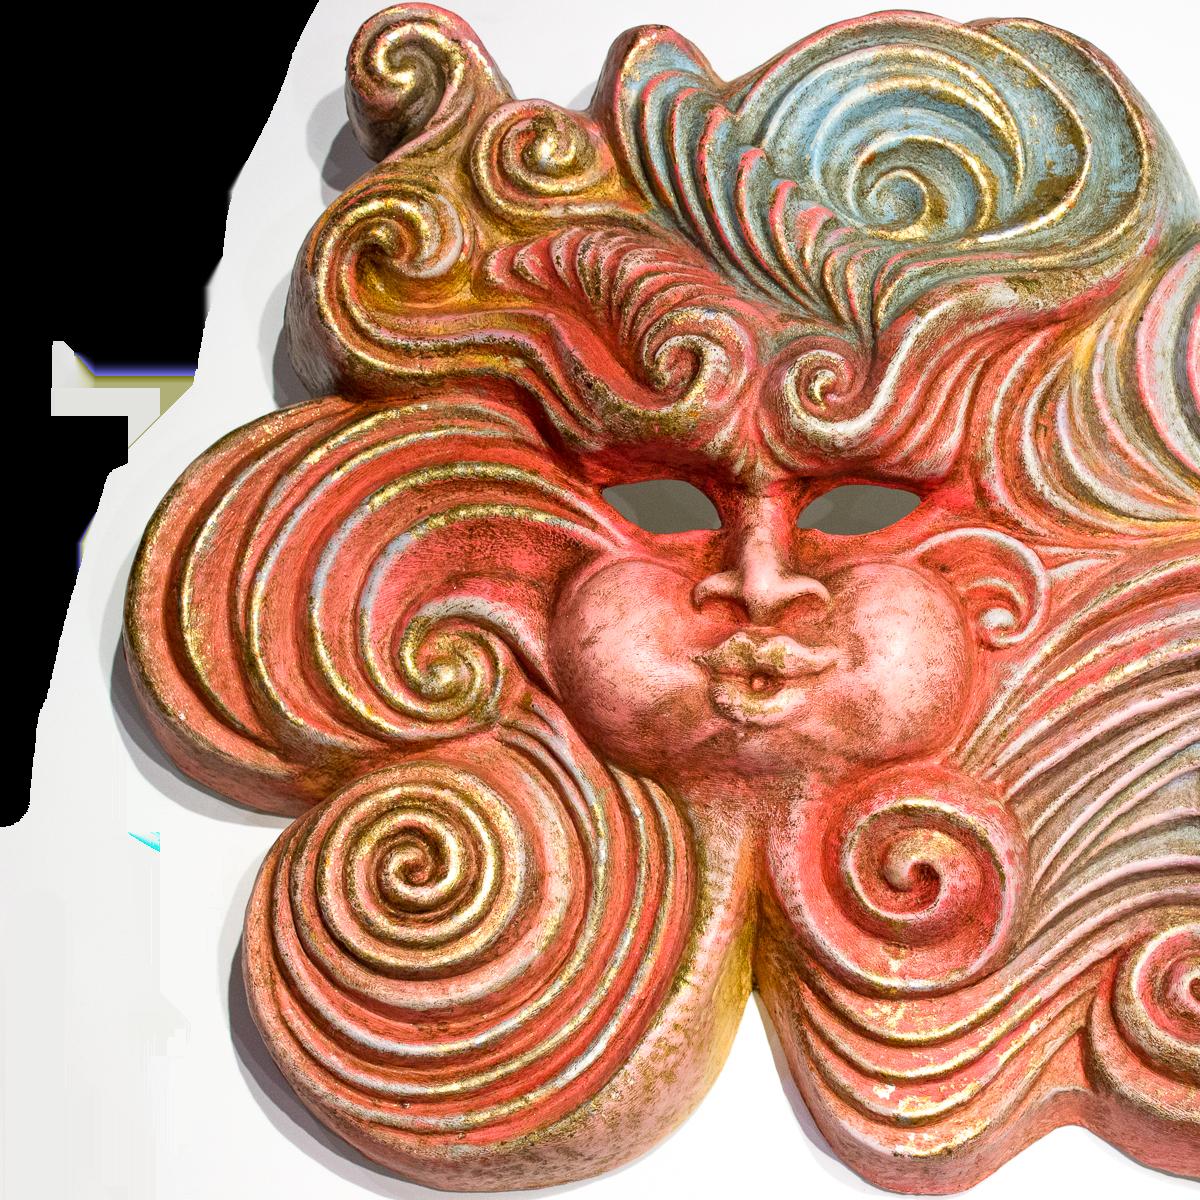 https://i1.wp.com/www.masksvenice.com/wp-content/uploads/2018/08/maschera-nuvola-rosa.png?fit=1200%2C1200&ssl=1